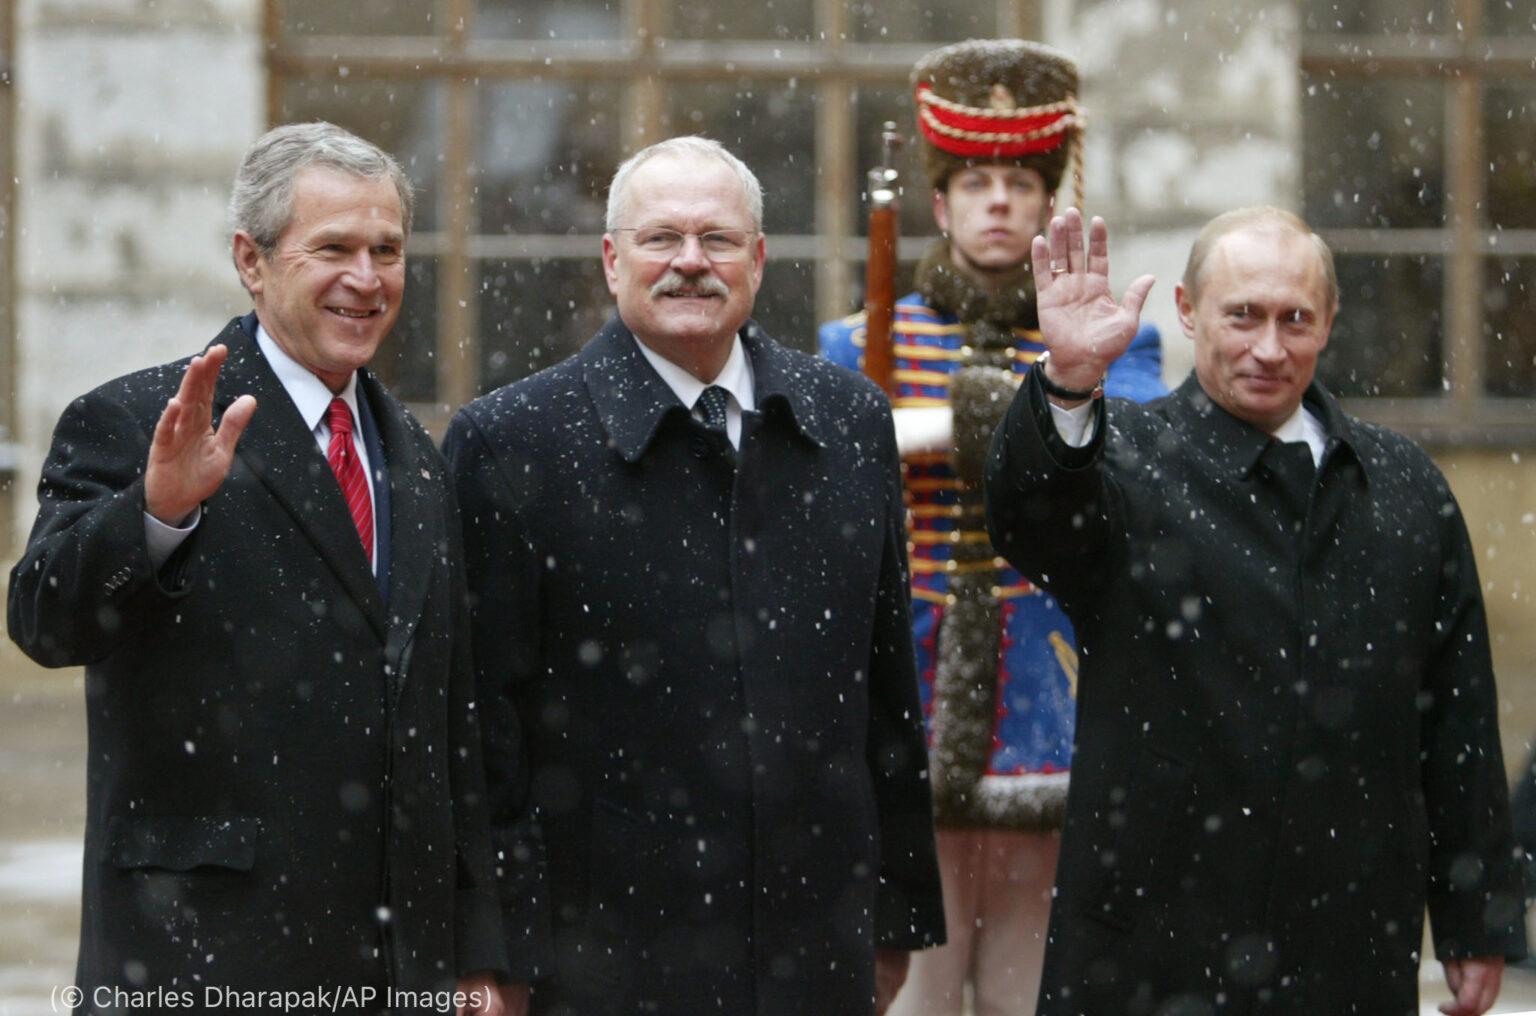 Americký prezident Bush so slovenským prezidentom Ivanom Gašparovičom, v strede, a ruským prezidentom Vladimirom Putinom (© Charles Dharapak/AP Images)